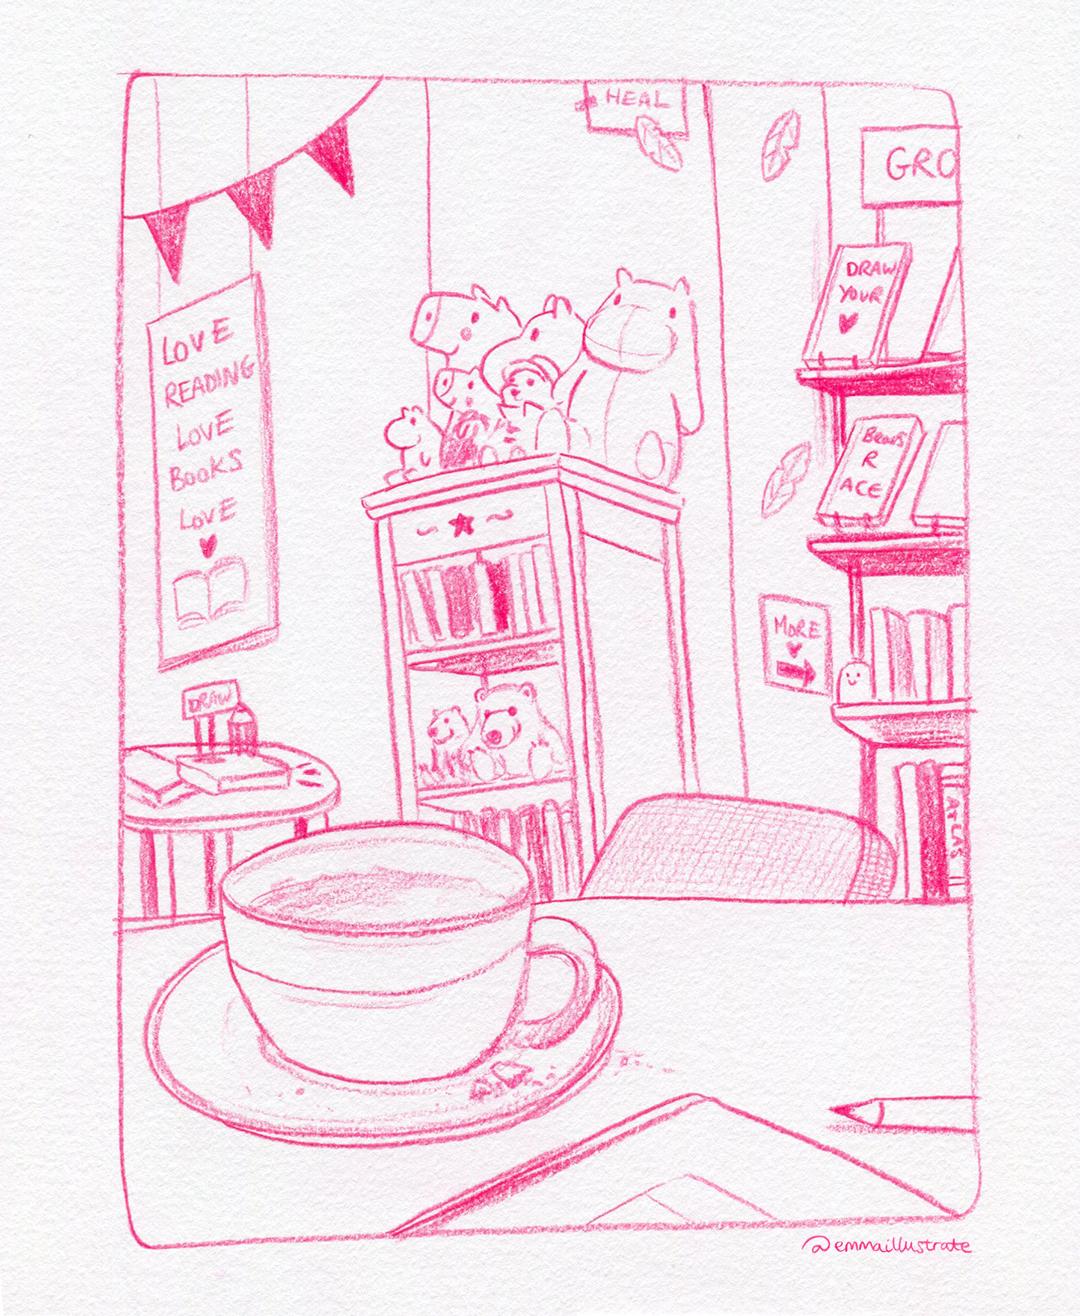 Bookshop_Sketchbook_Emma_Reynolds.jpg